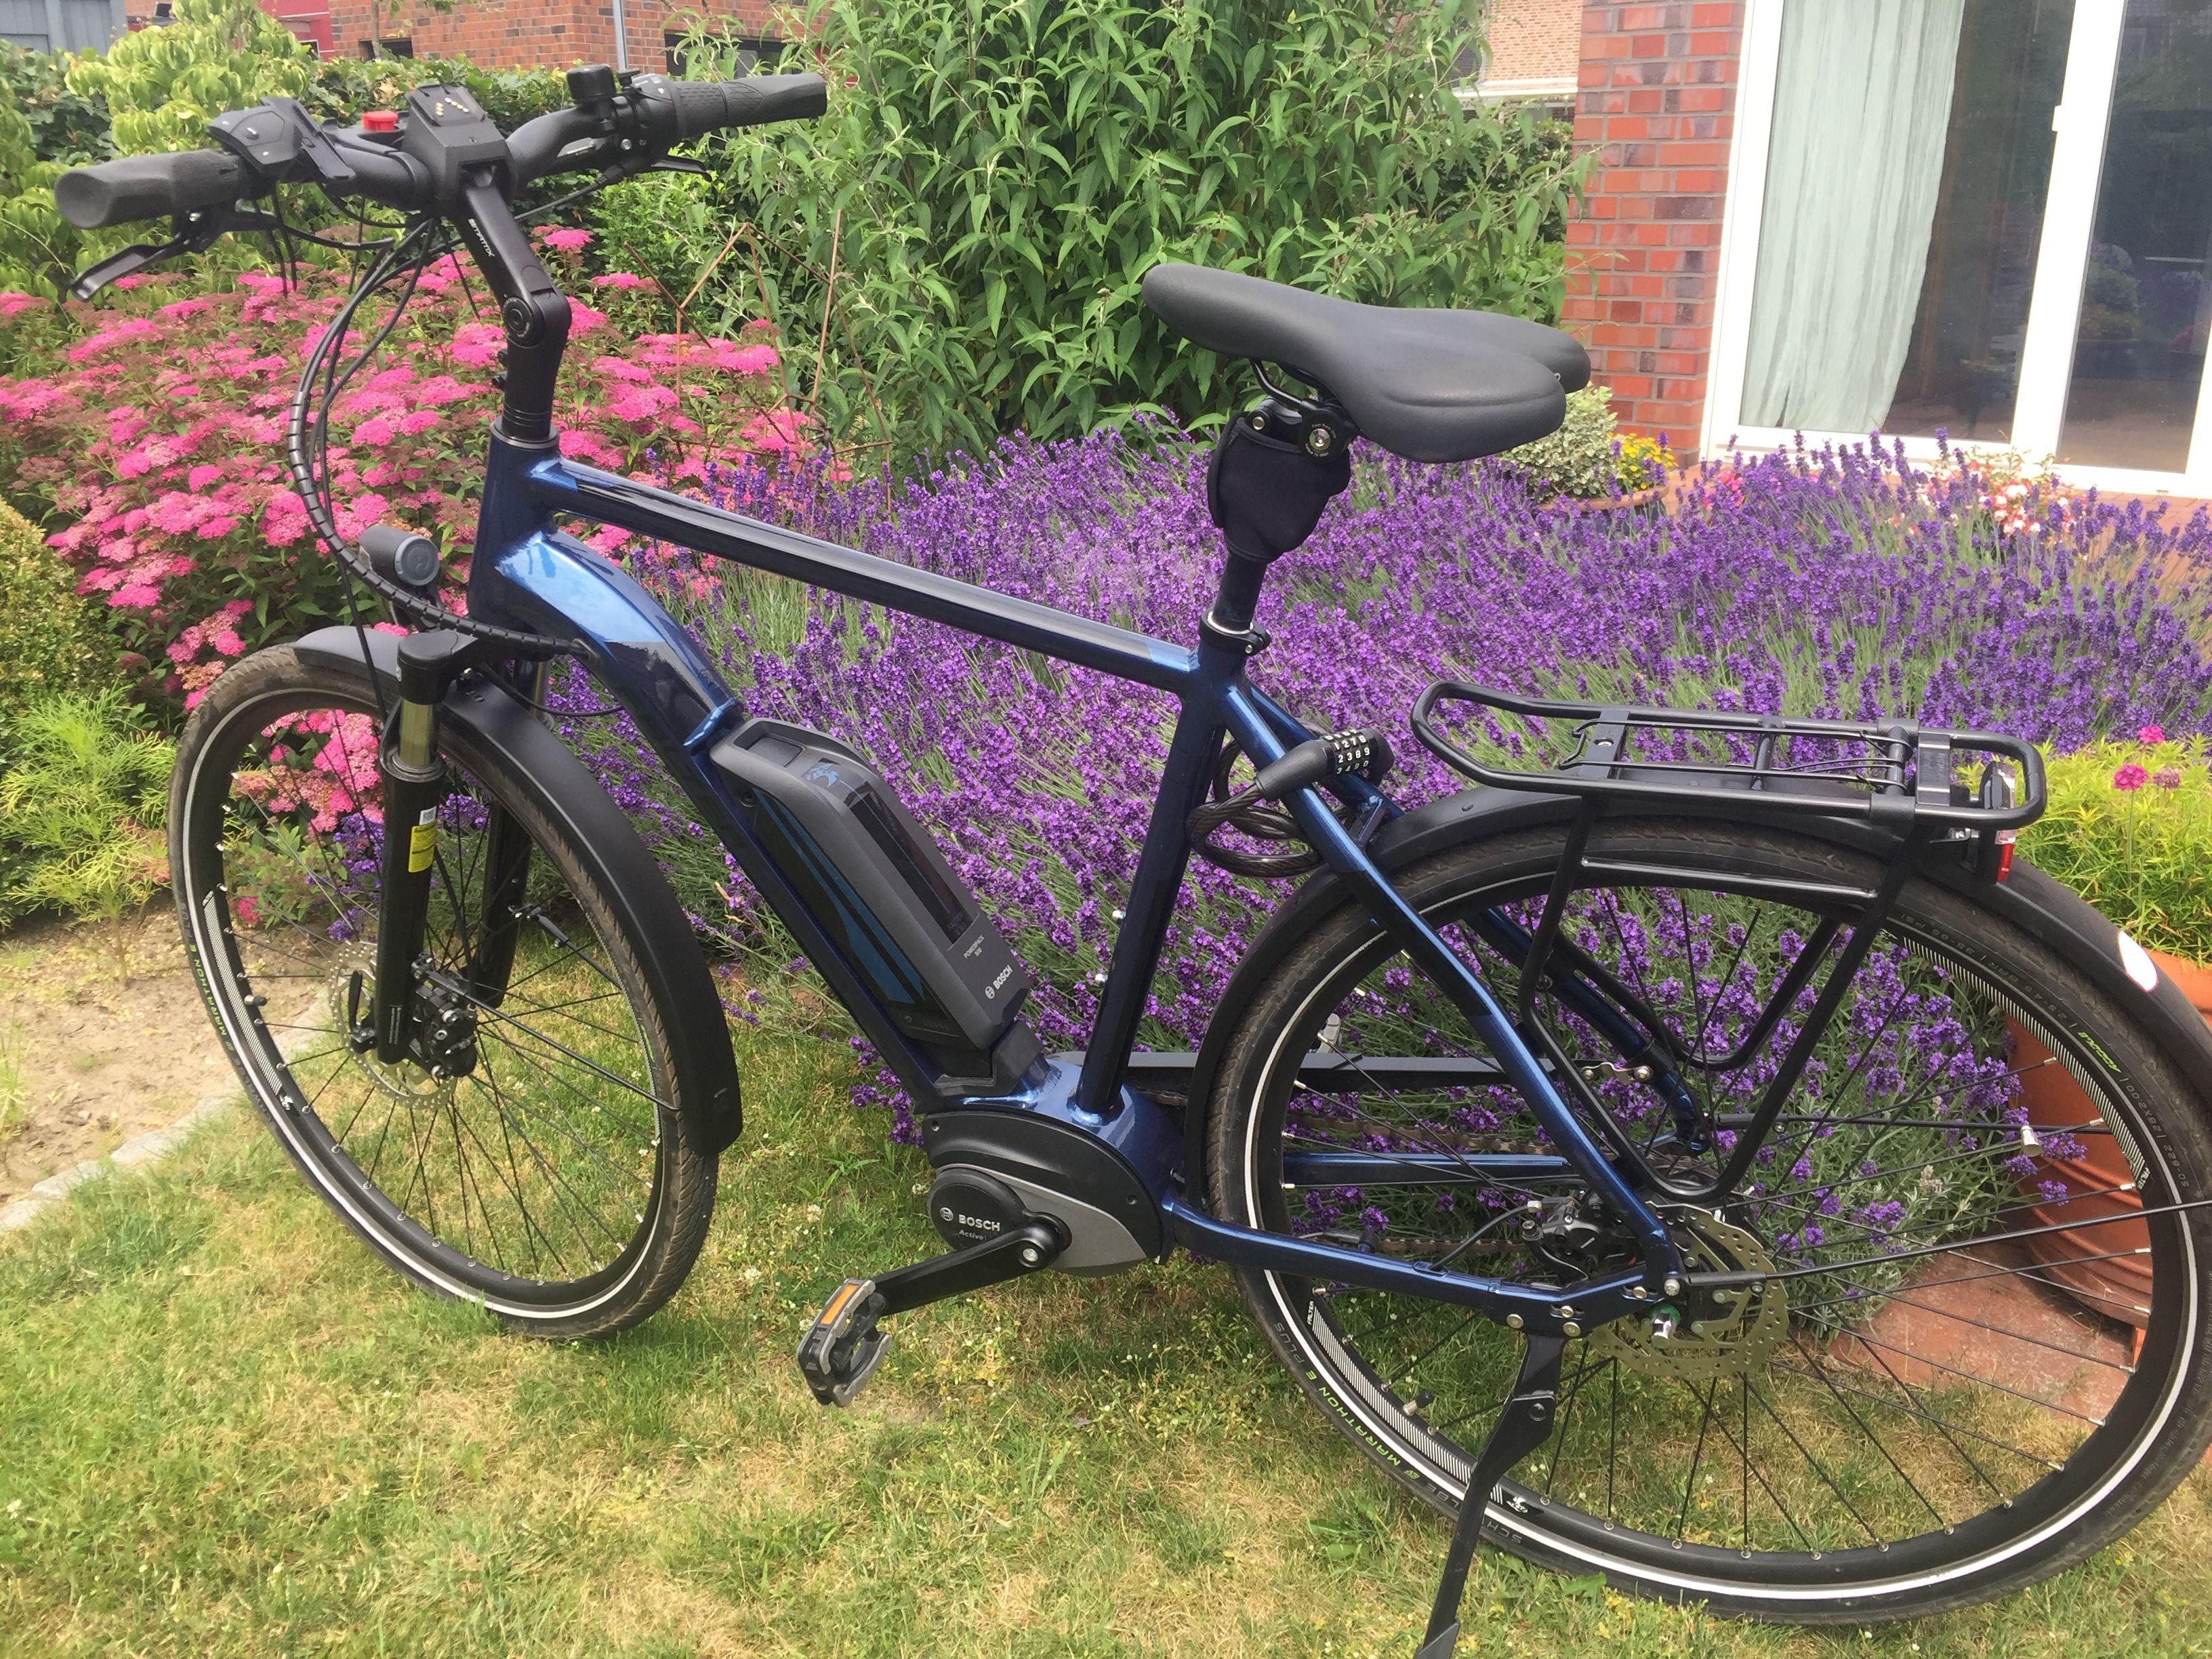 Das E 9 0 Fl 500 Ist Ein Schones Und Komfortables E Bike Das Mit Umfassender Und Praktischer Ausstattung Punktet Den Bosch An In 2020 E Bike Fahrrad Xxl Elektro Rad